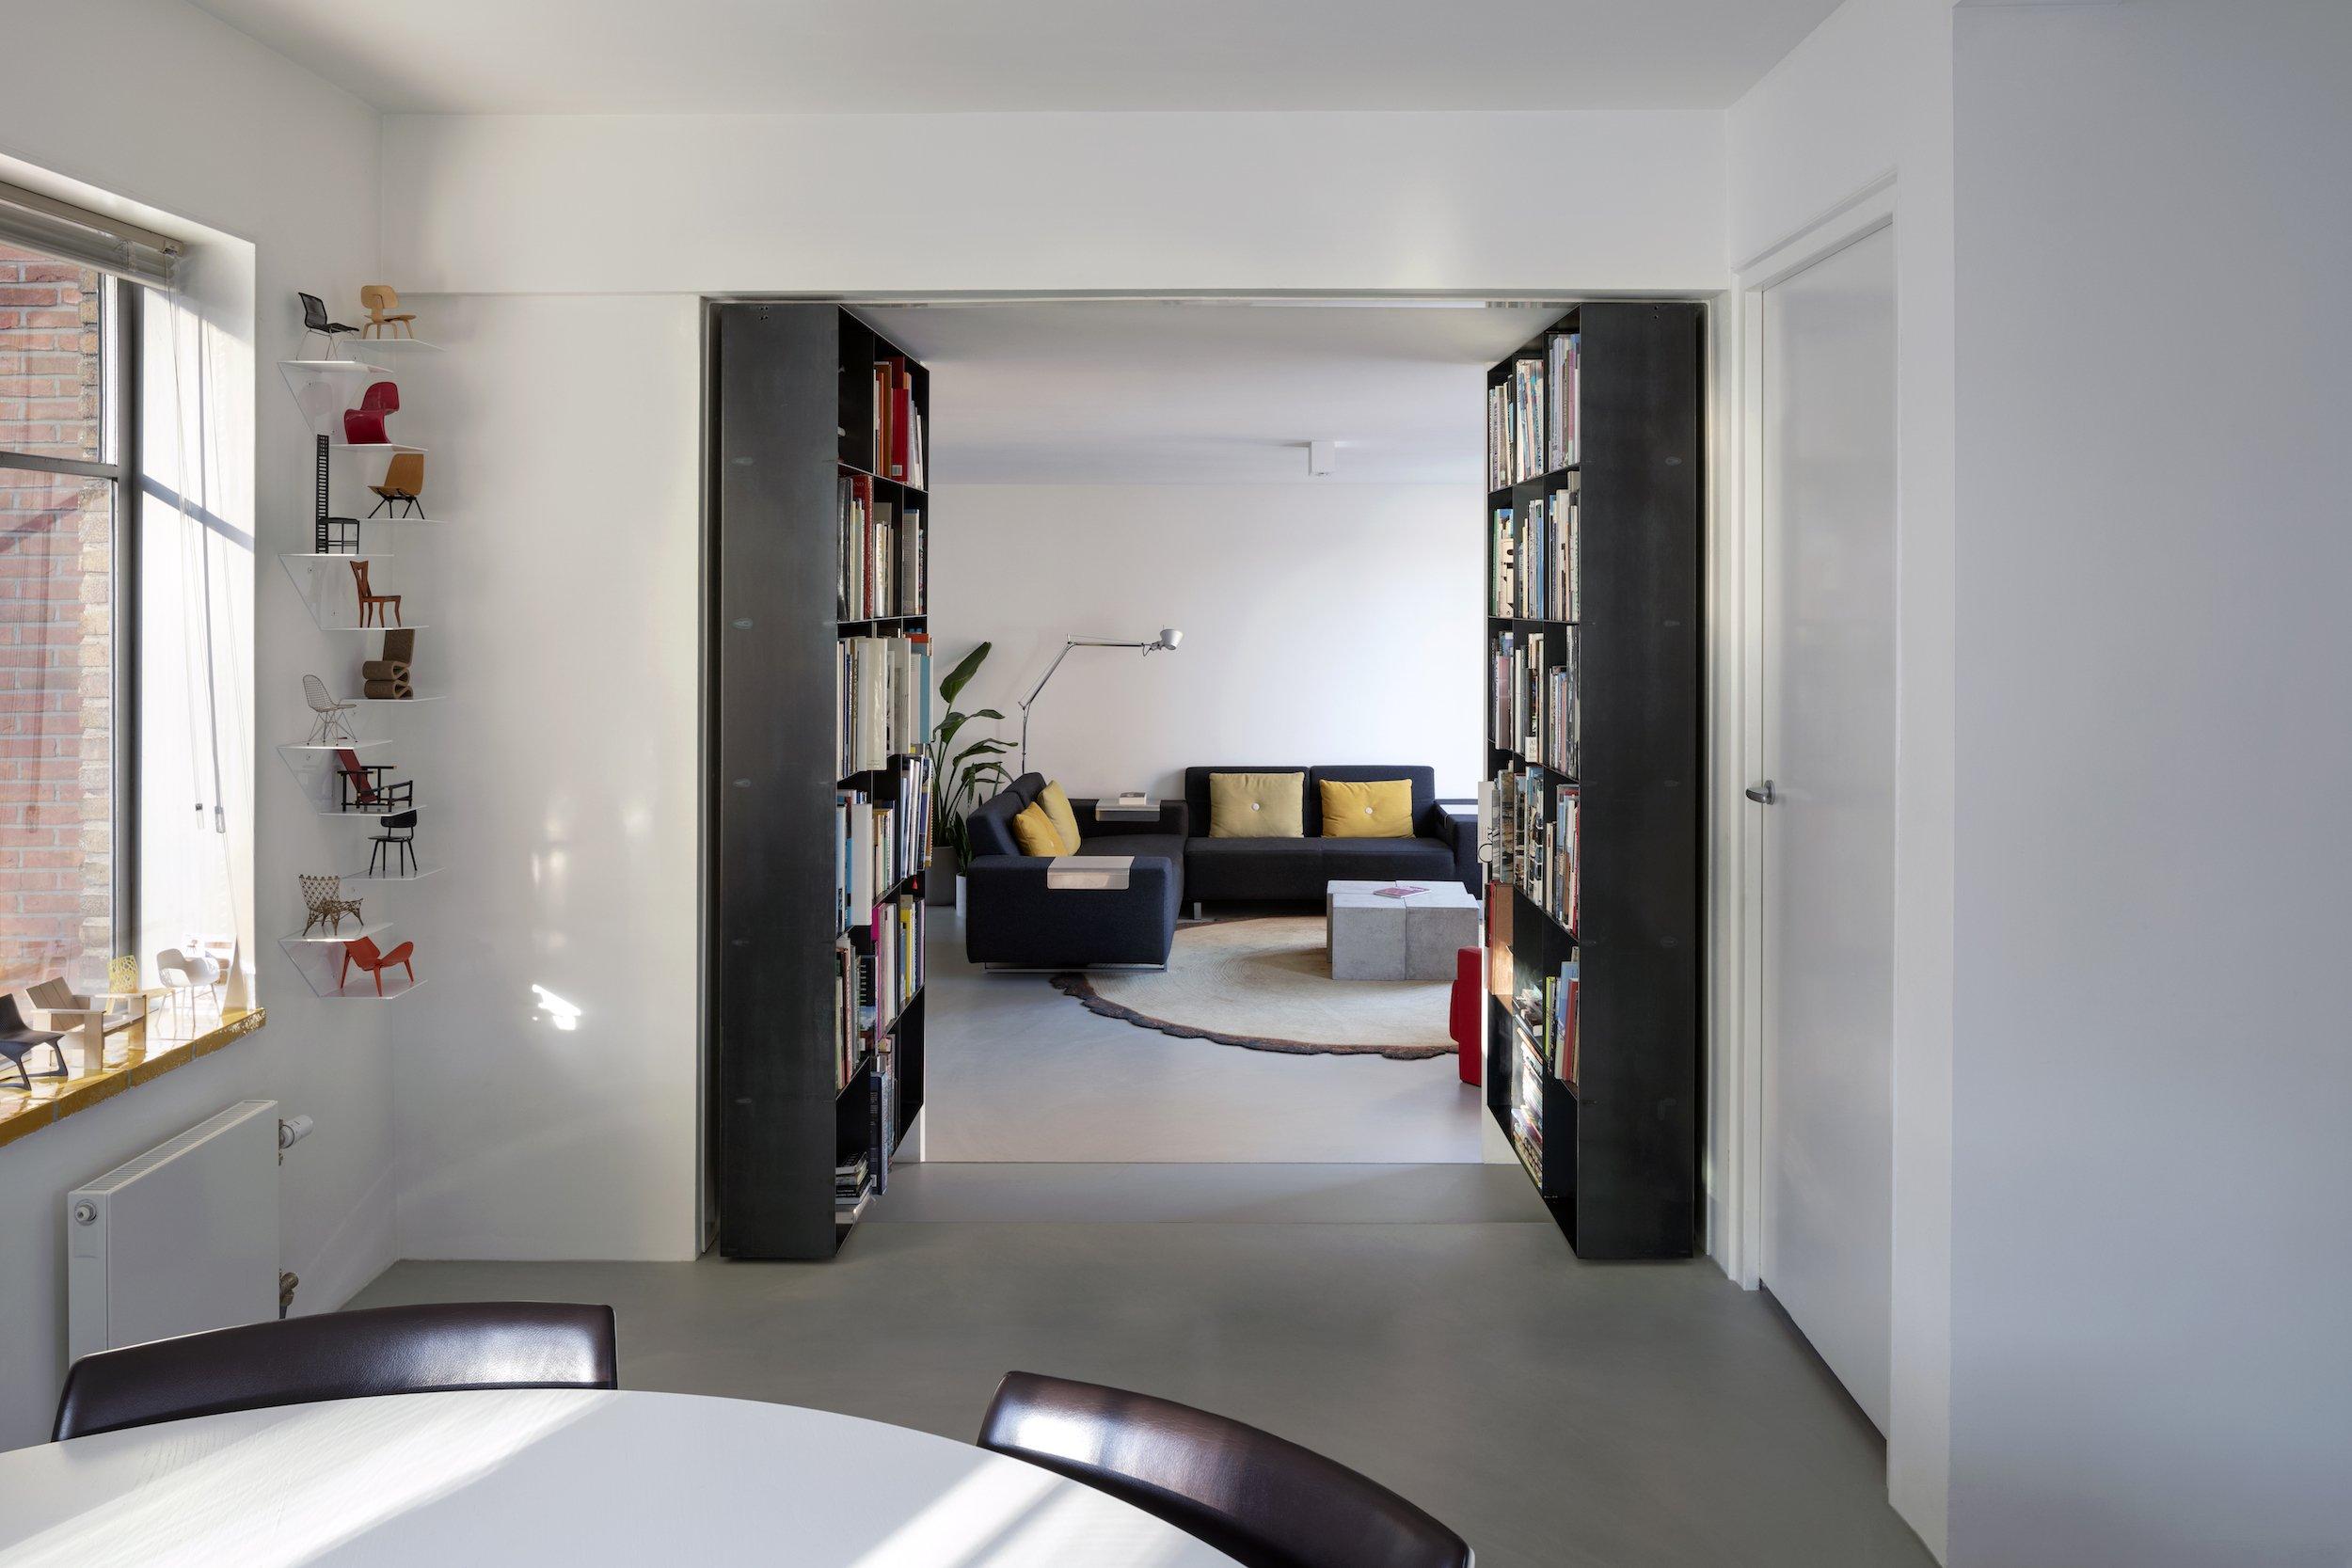 puertas-de-libro-secreto-abierta.jpg